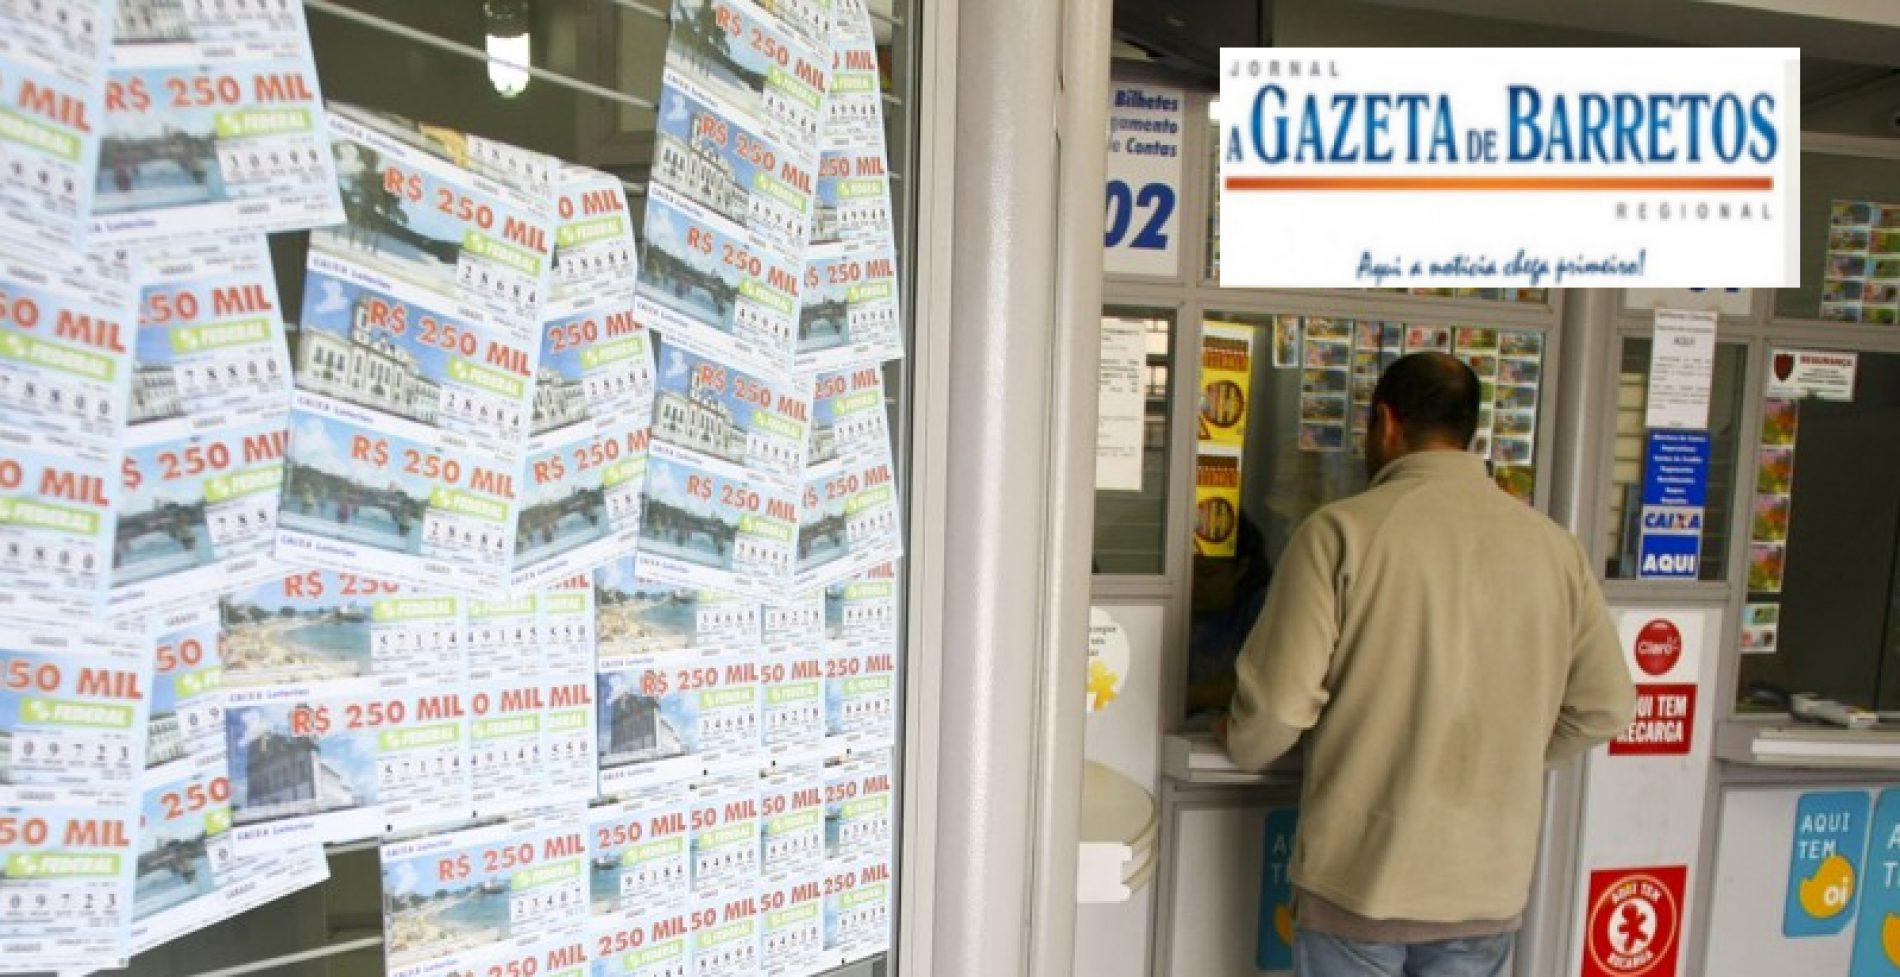 Policia Militar prende em flagrante homem que furtou lotérica no centro da cidade